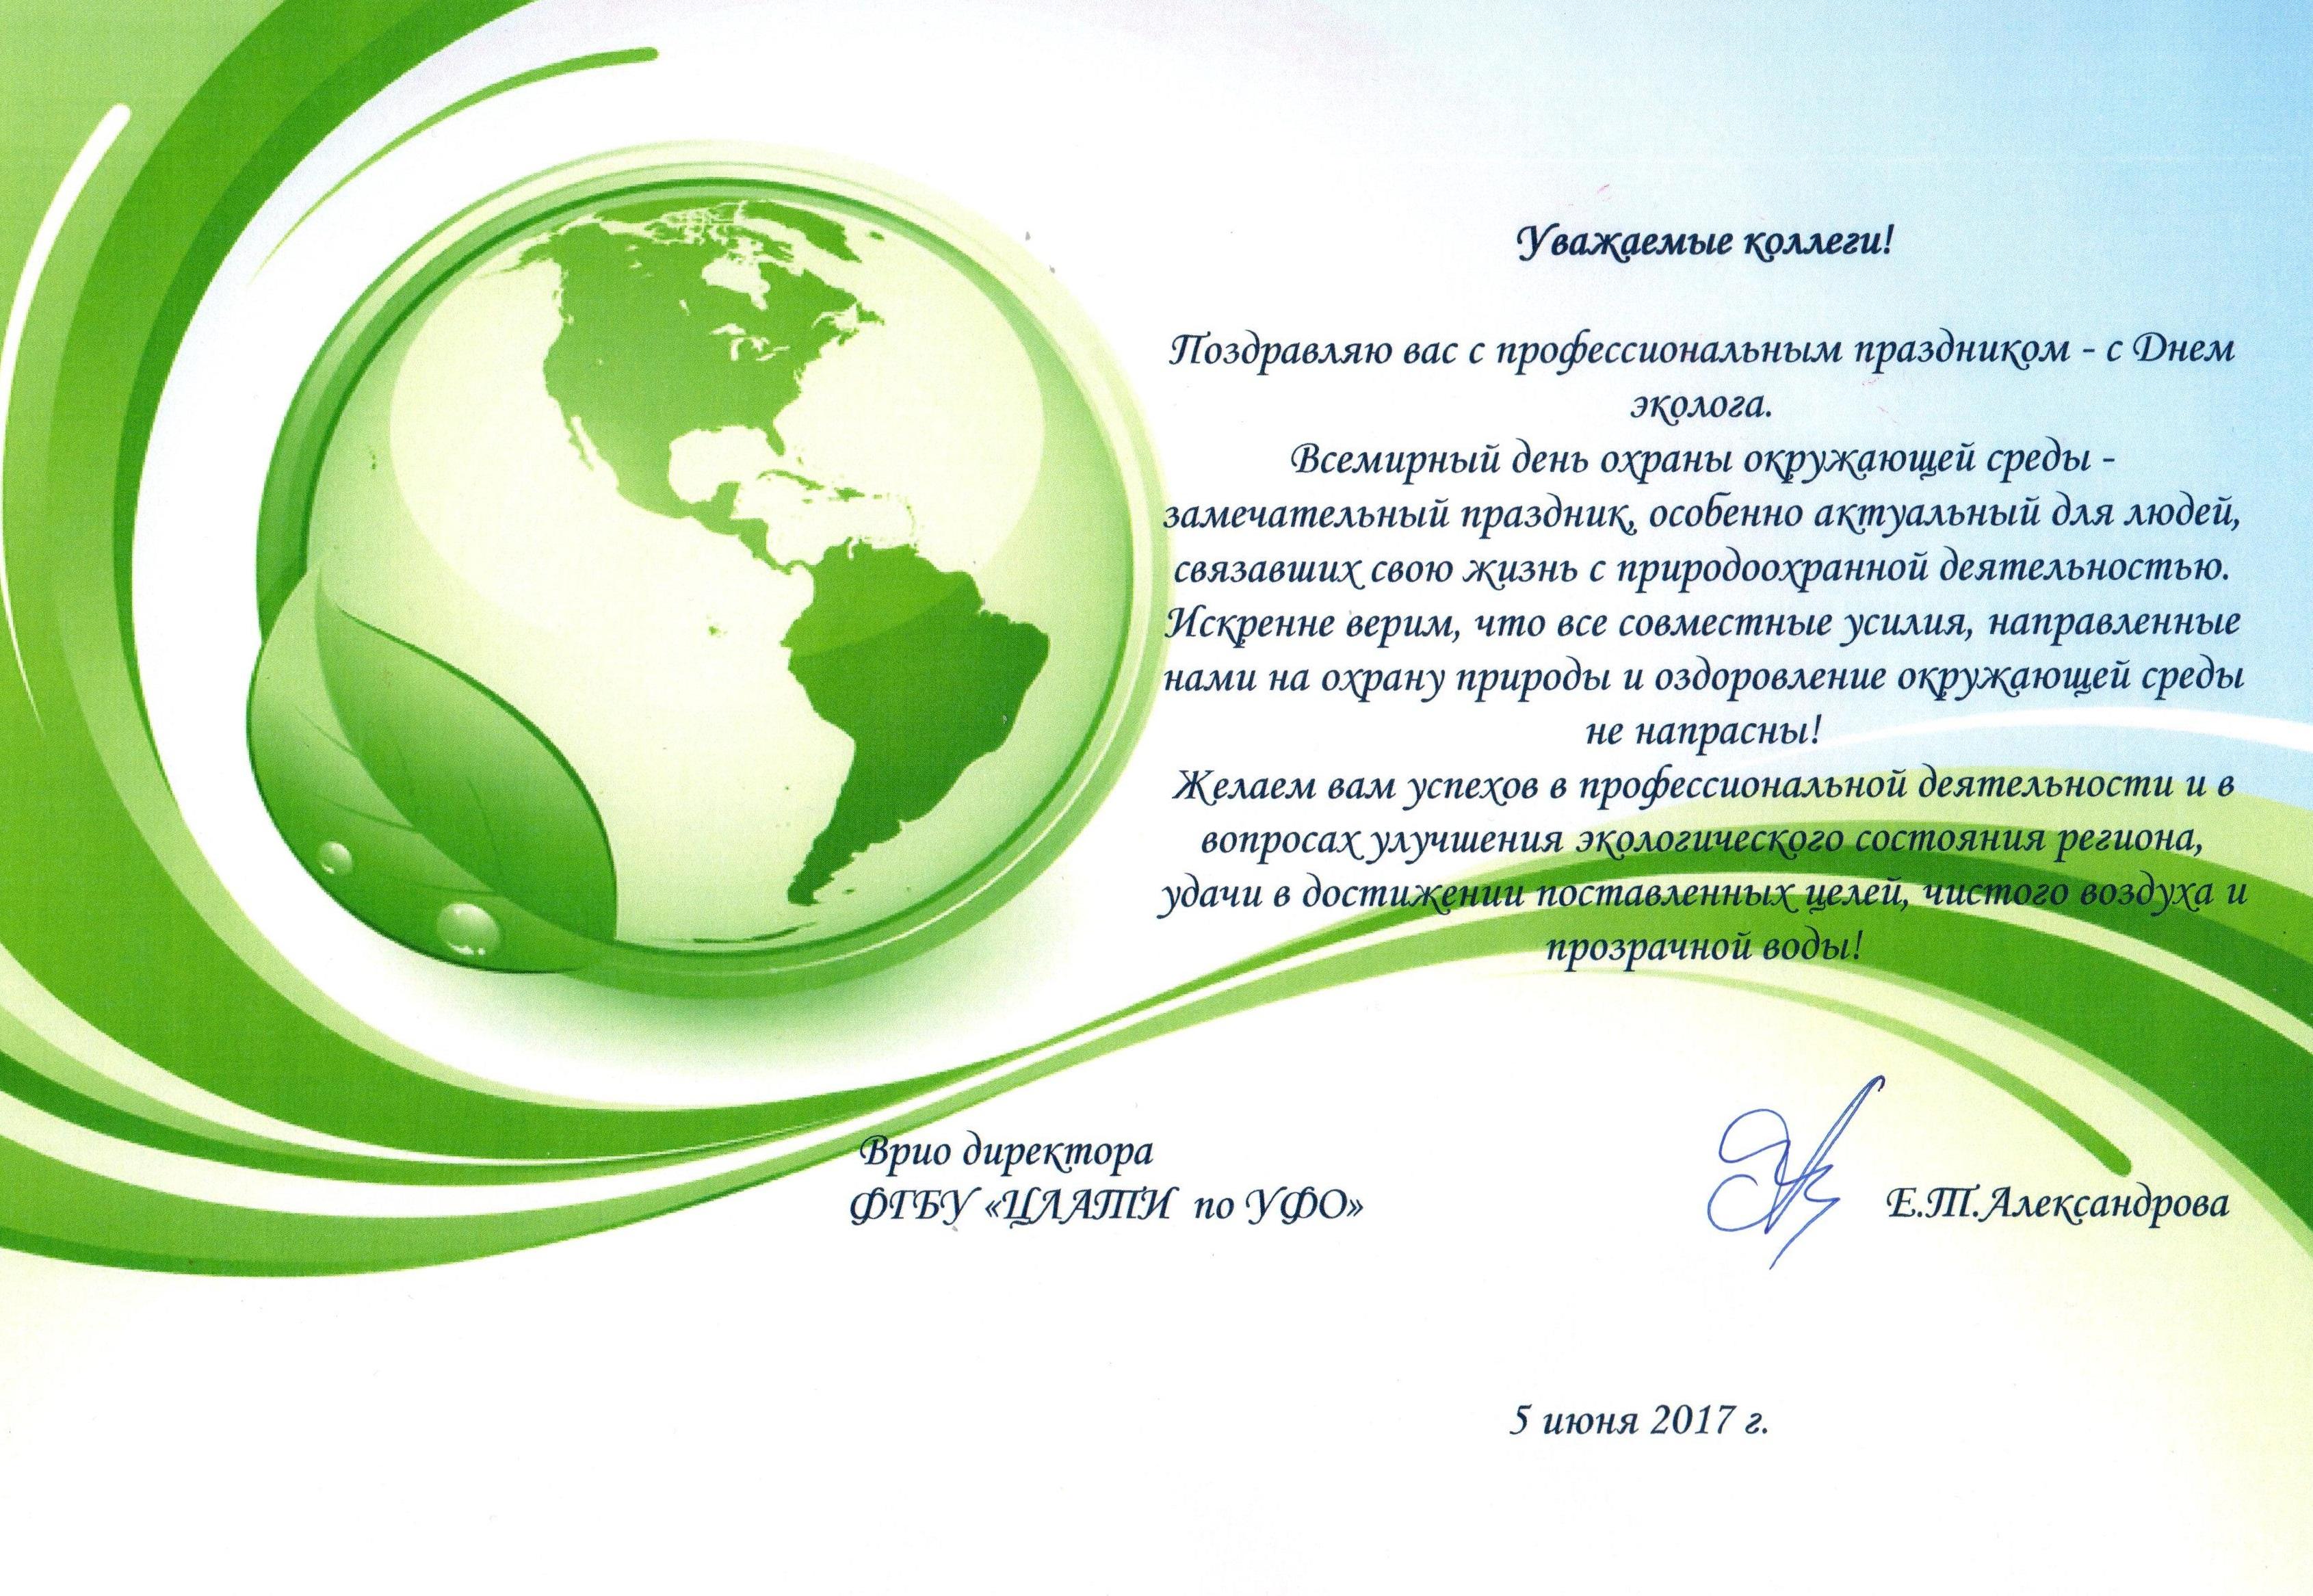 Красивые поздравления с днём рождения в стихах - Новости на